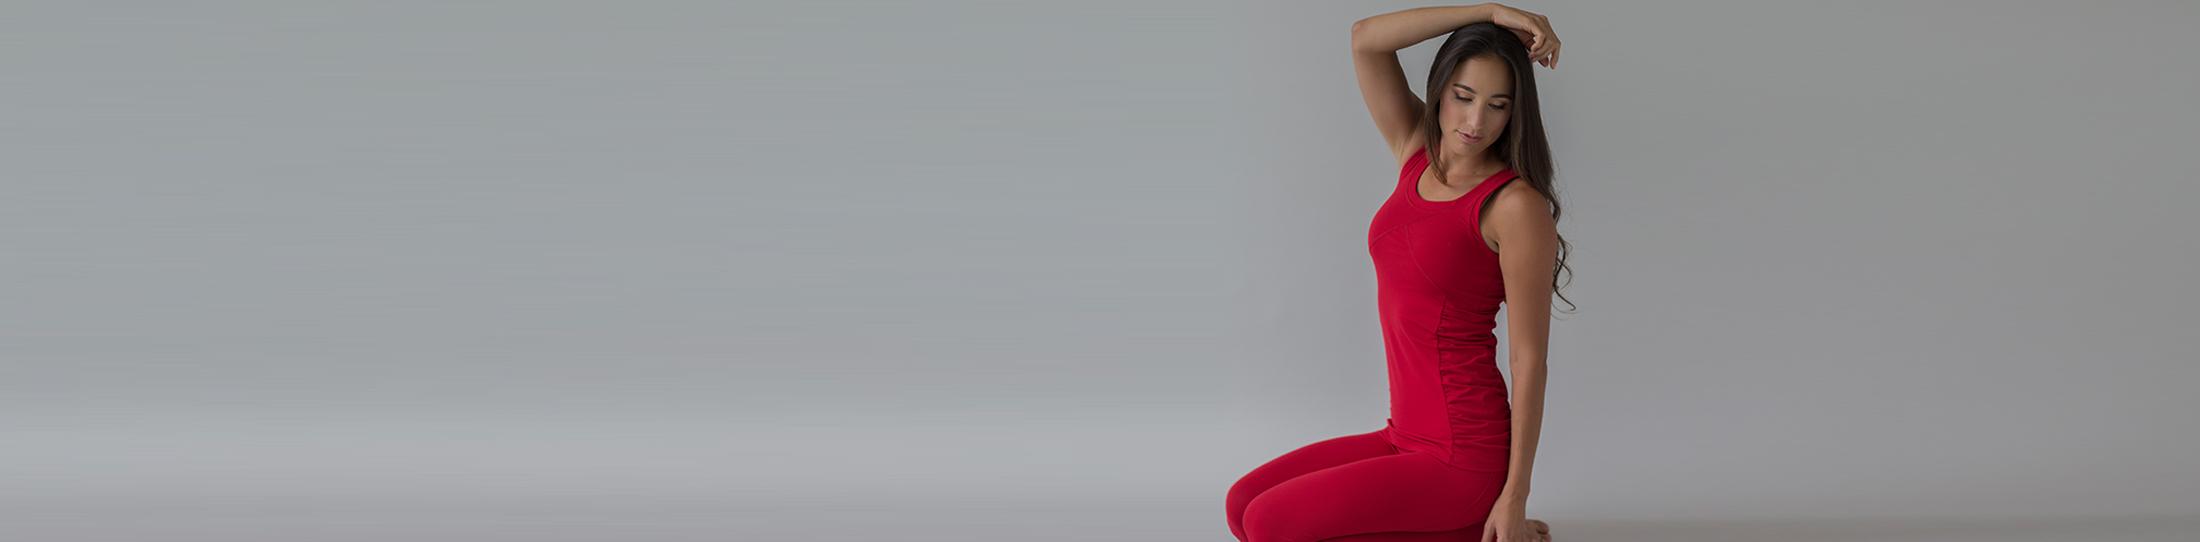 product-category-banner-ruby-7-8-length-legging.jpg